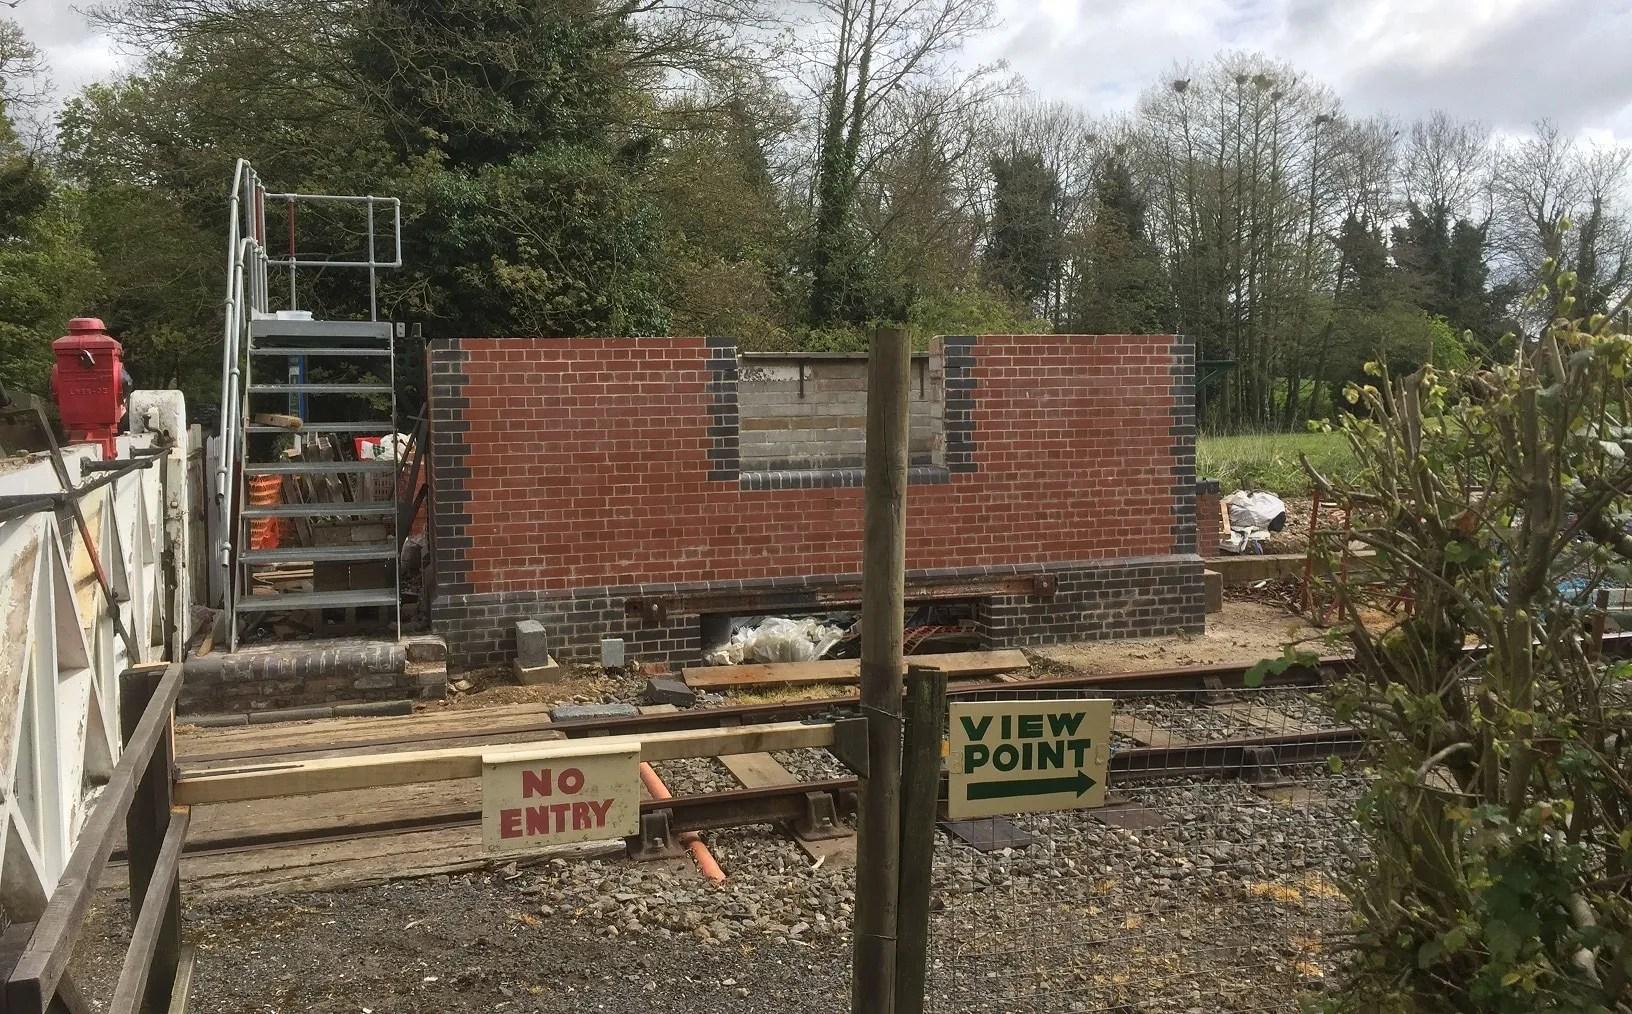 Wymondham Abbey signalbox under construction